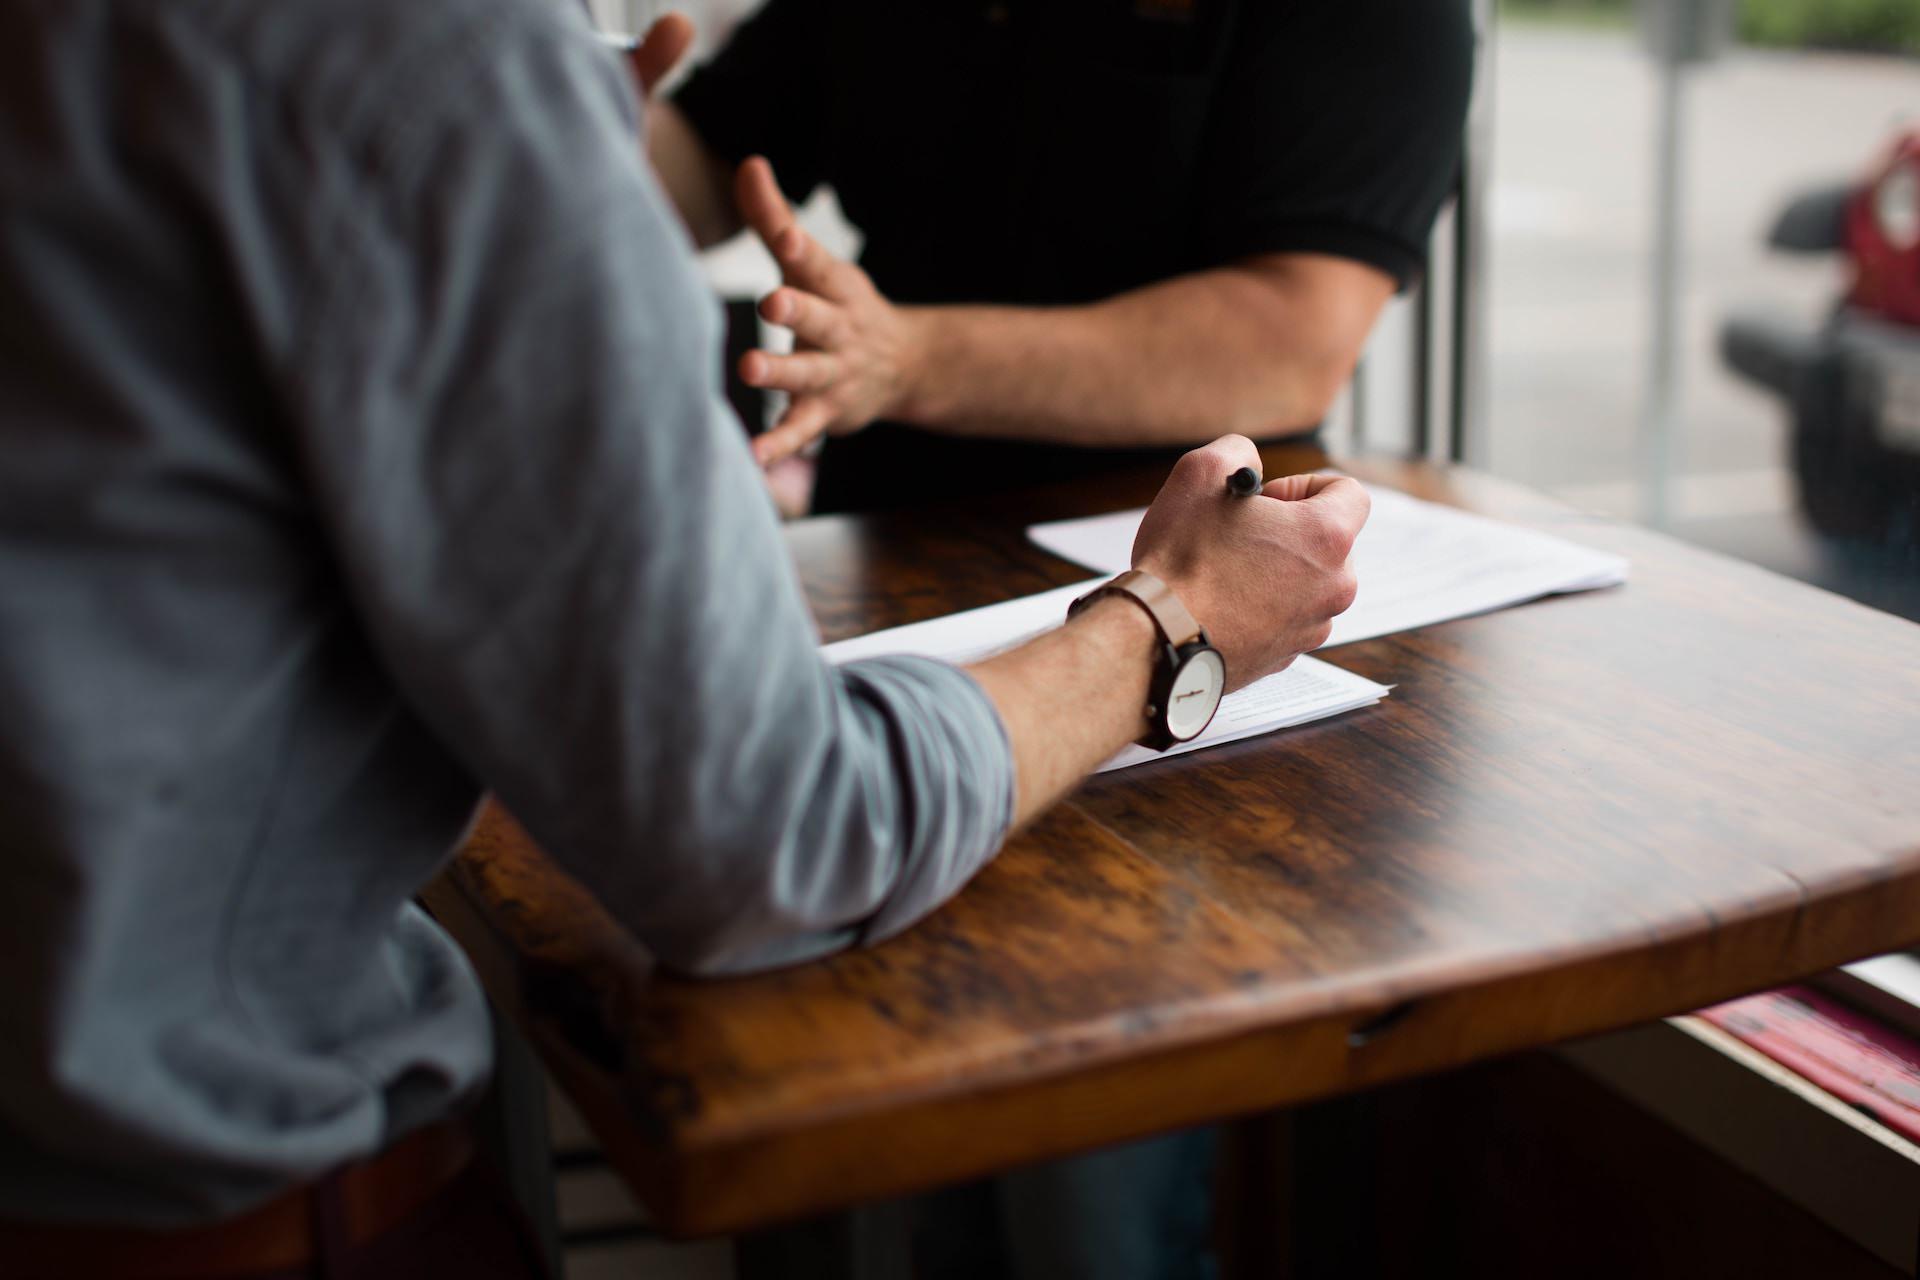 Javni poziv za sprovođenje standardizovane usluge mentoring 2017.